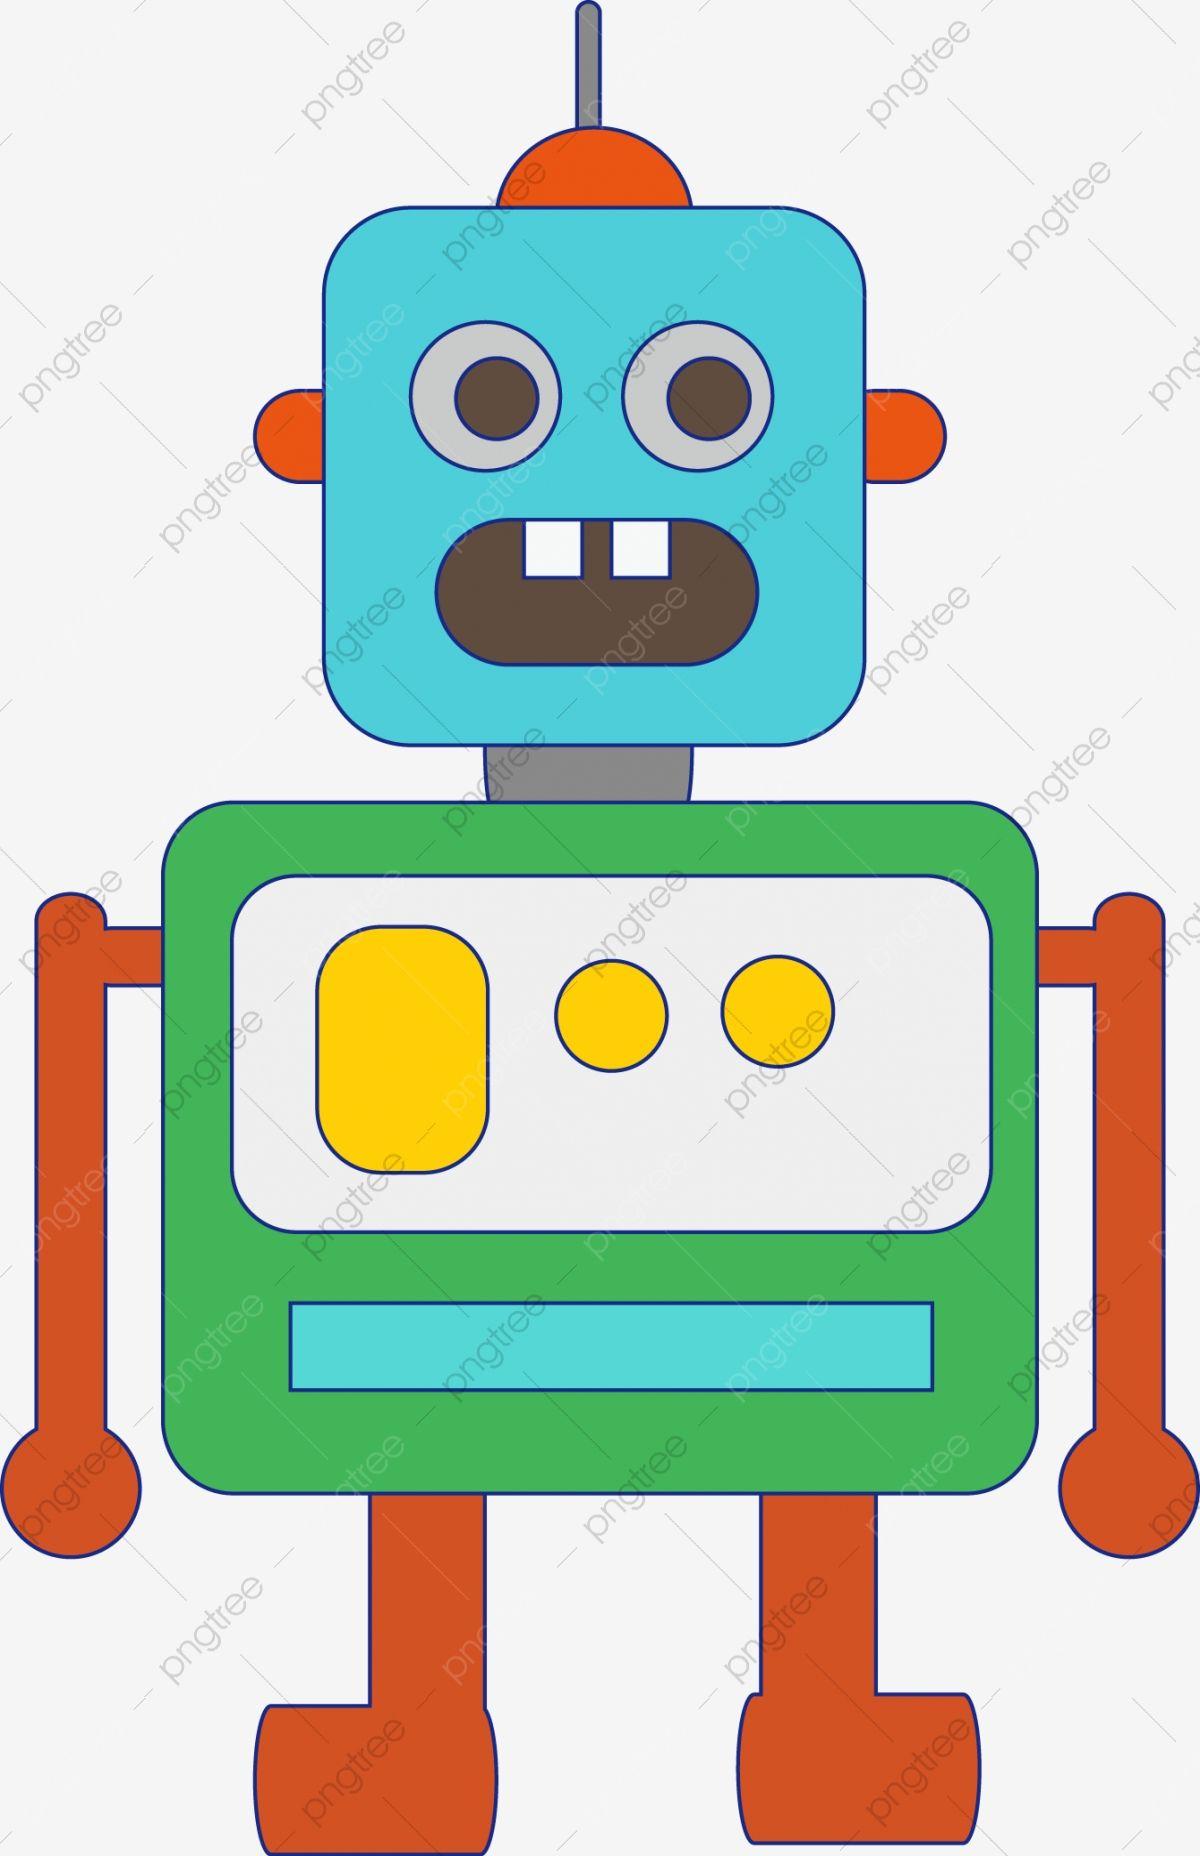 روبوت الكرتون لعبة الروبوت إنسان آلي لعبة رسوم متحركة التوضيح الرسوم Png والمتجهات للتحميل مجانا Robot Toy Gaming Products Toys